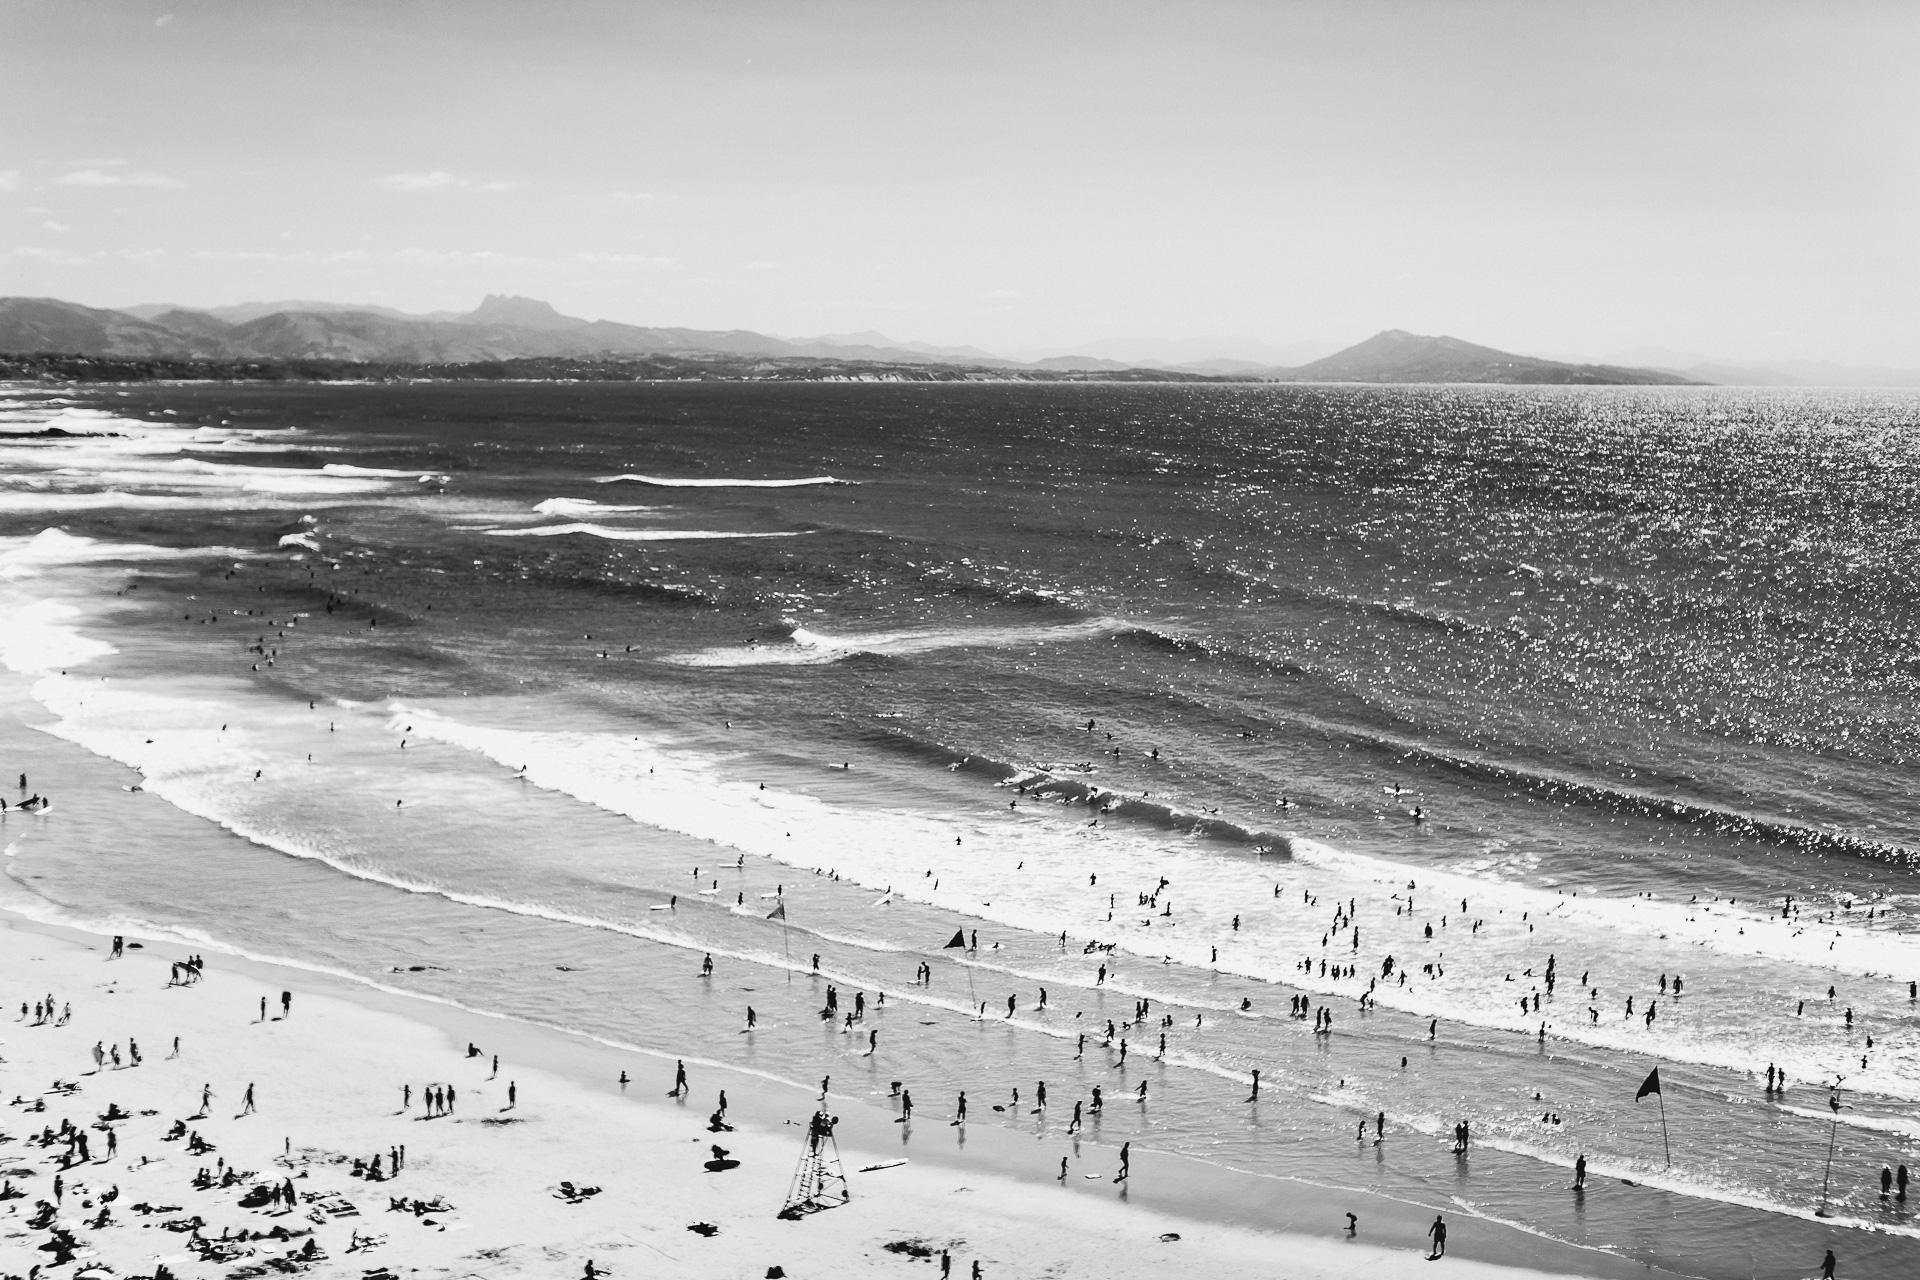 Damien-Dohmen-photographe-Ocean-9